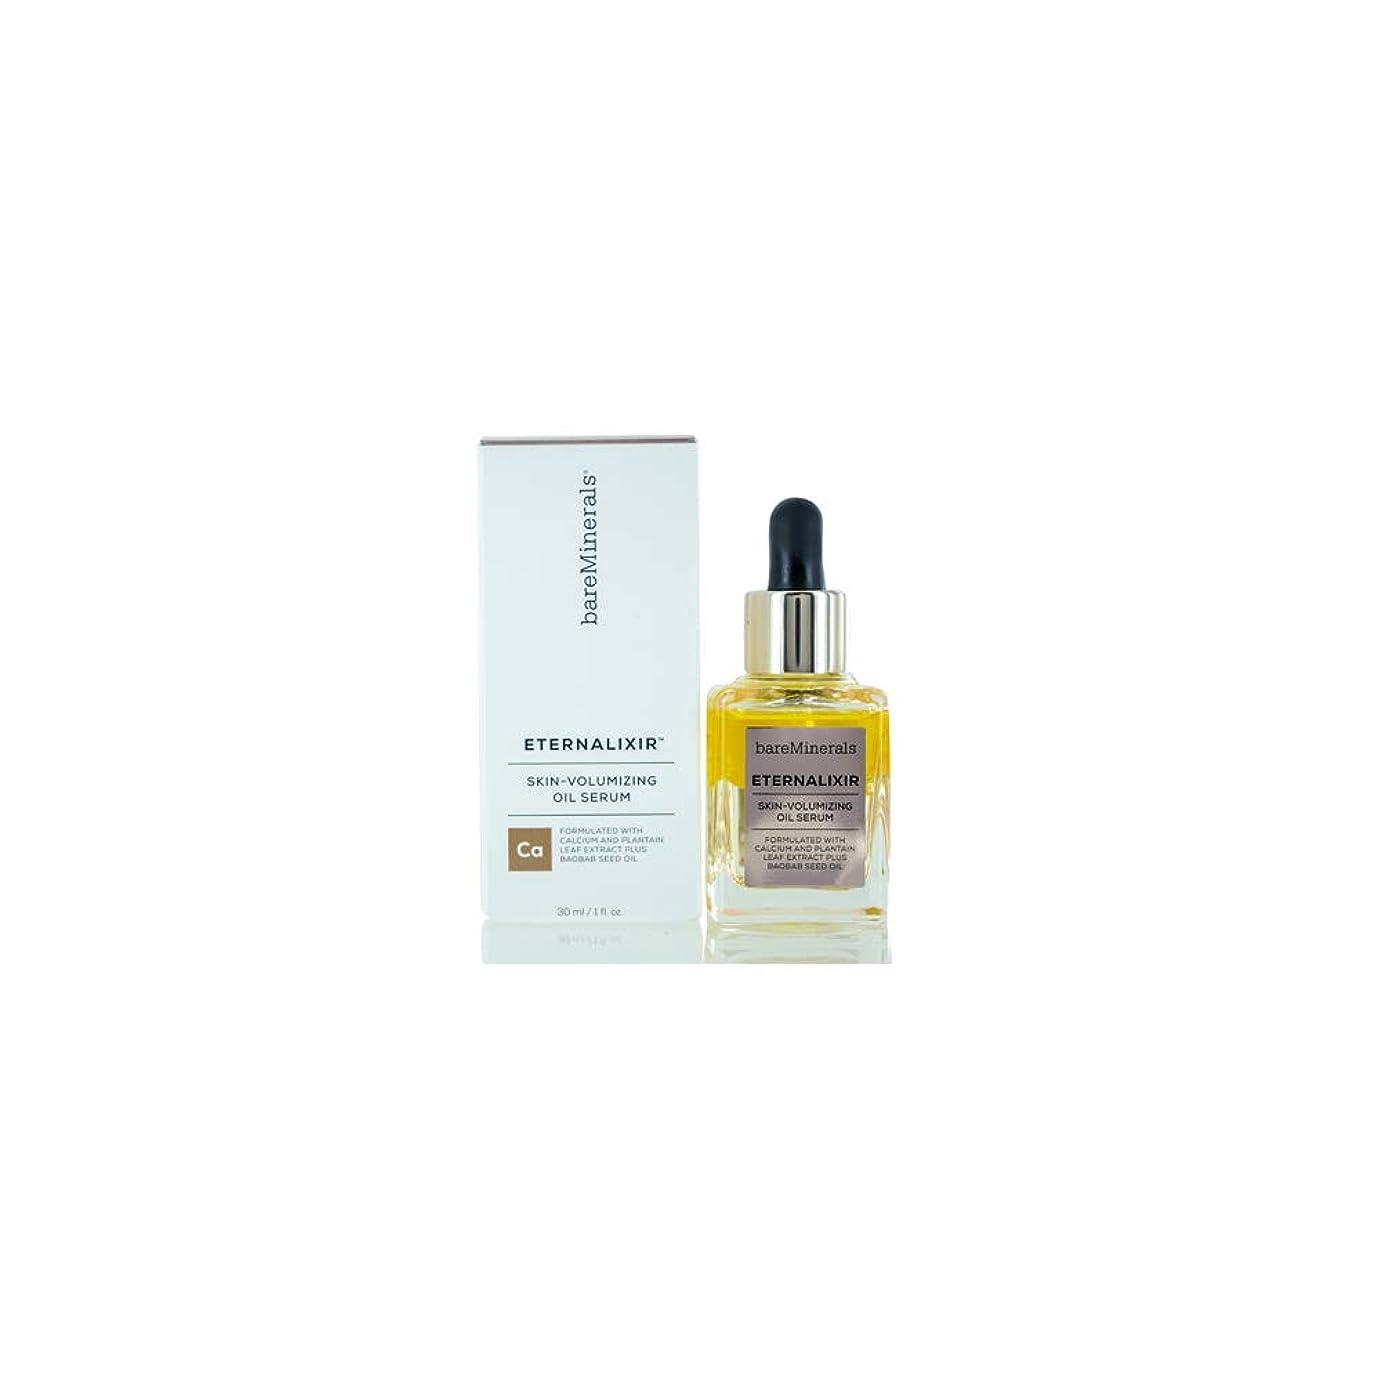 バッチ眠る炭水化物ベアミネラル Eternalixir Skin-Volumizing Oil Serum 30ml/1oz並行輸入品